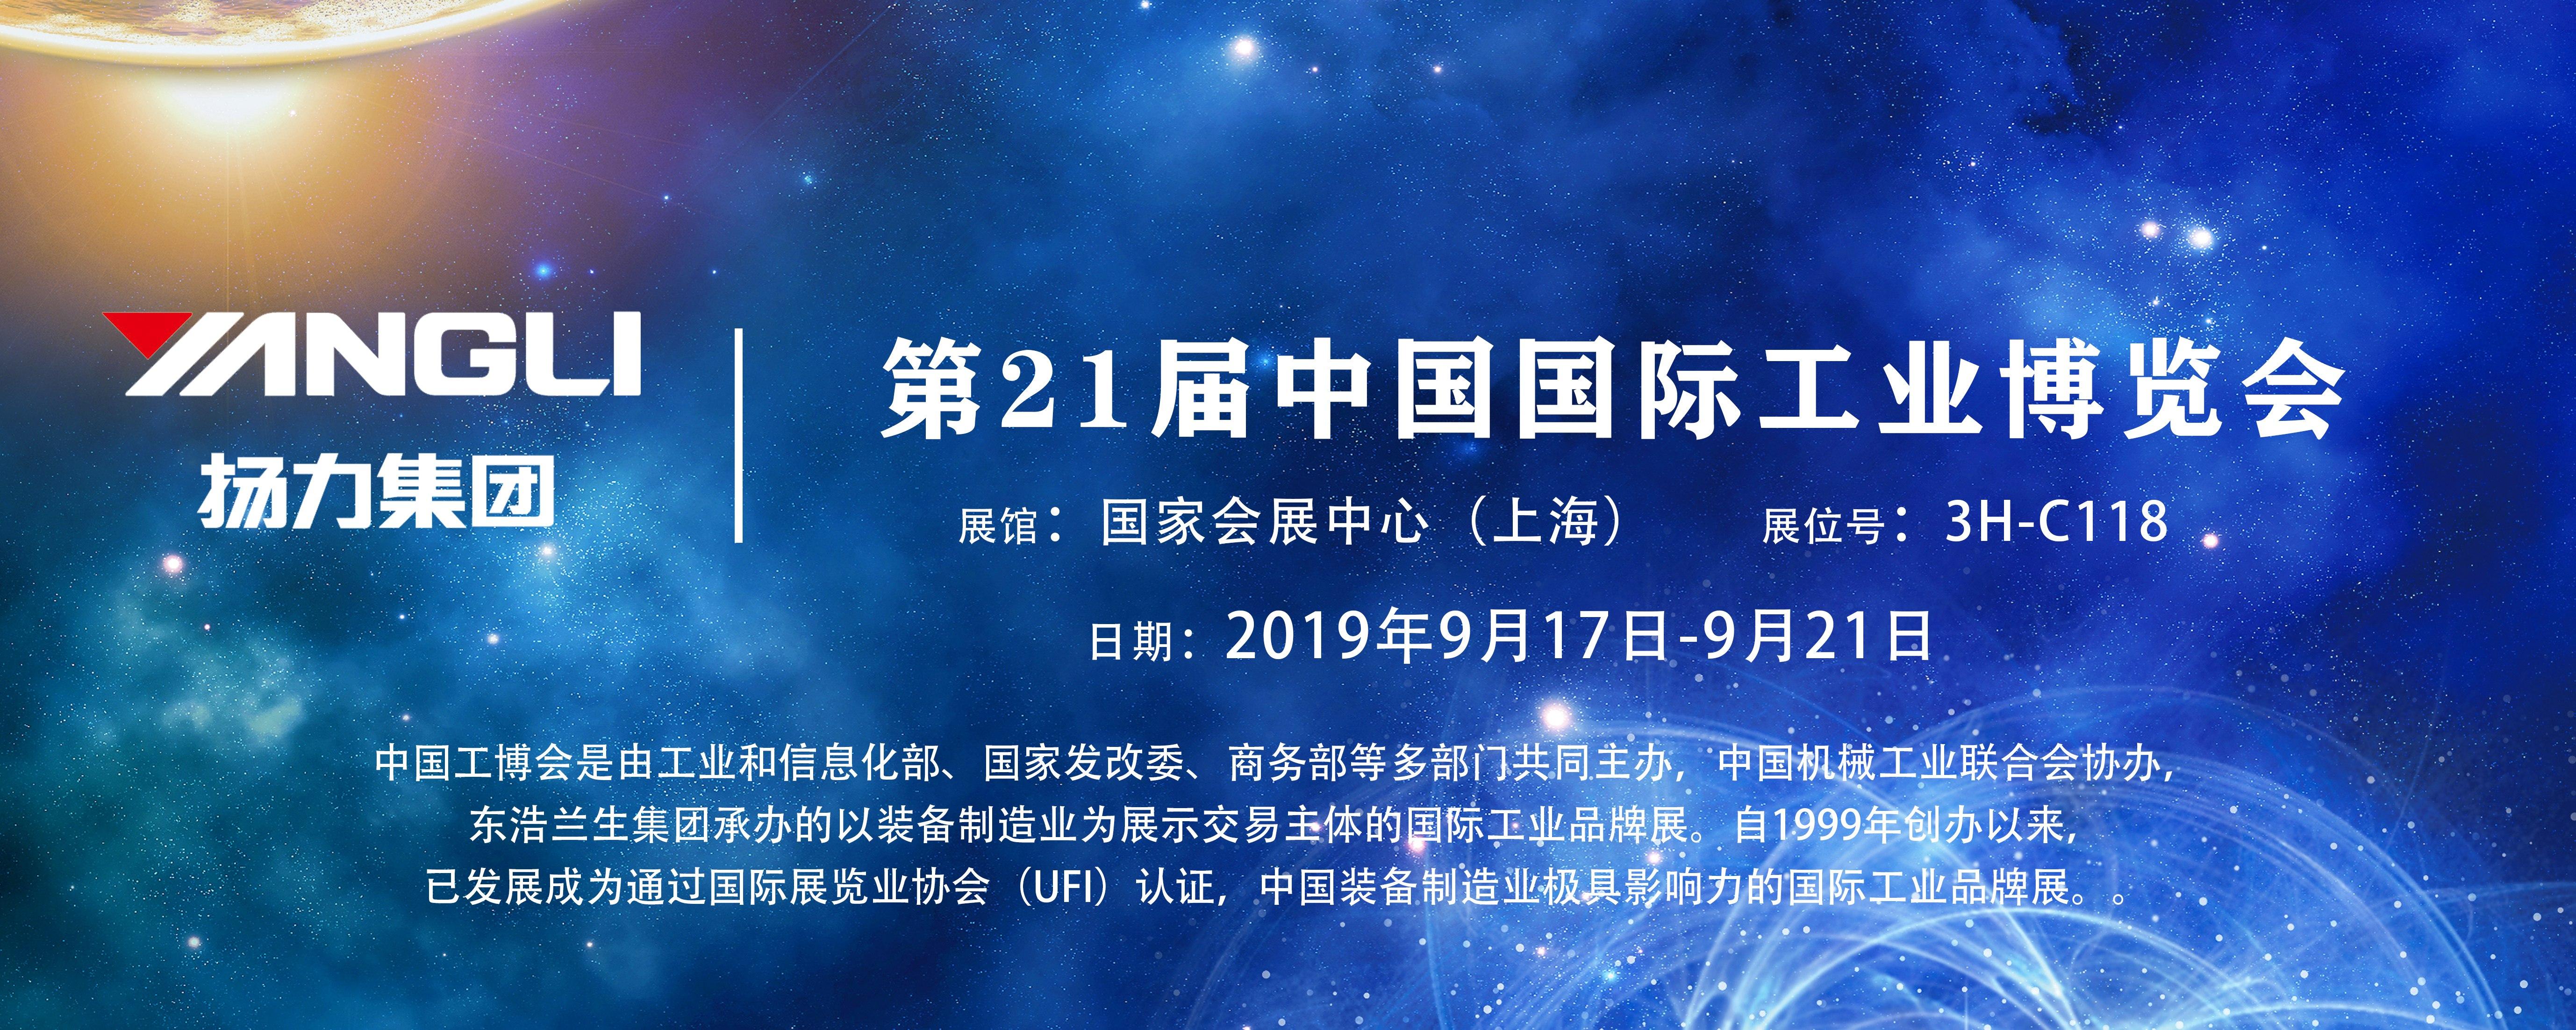 扬力集团即将参展第21届中国国际工业博览会,诚邀您前来观展!